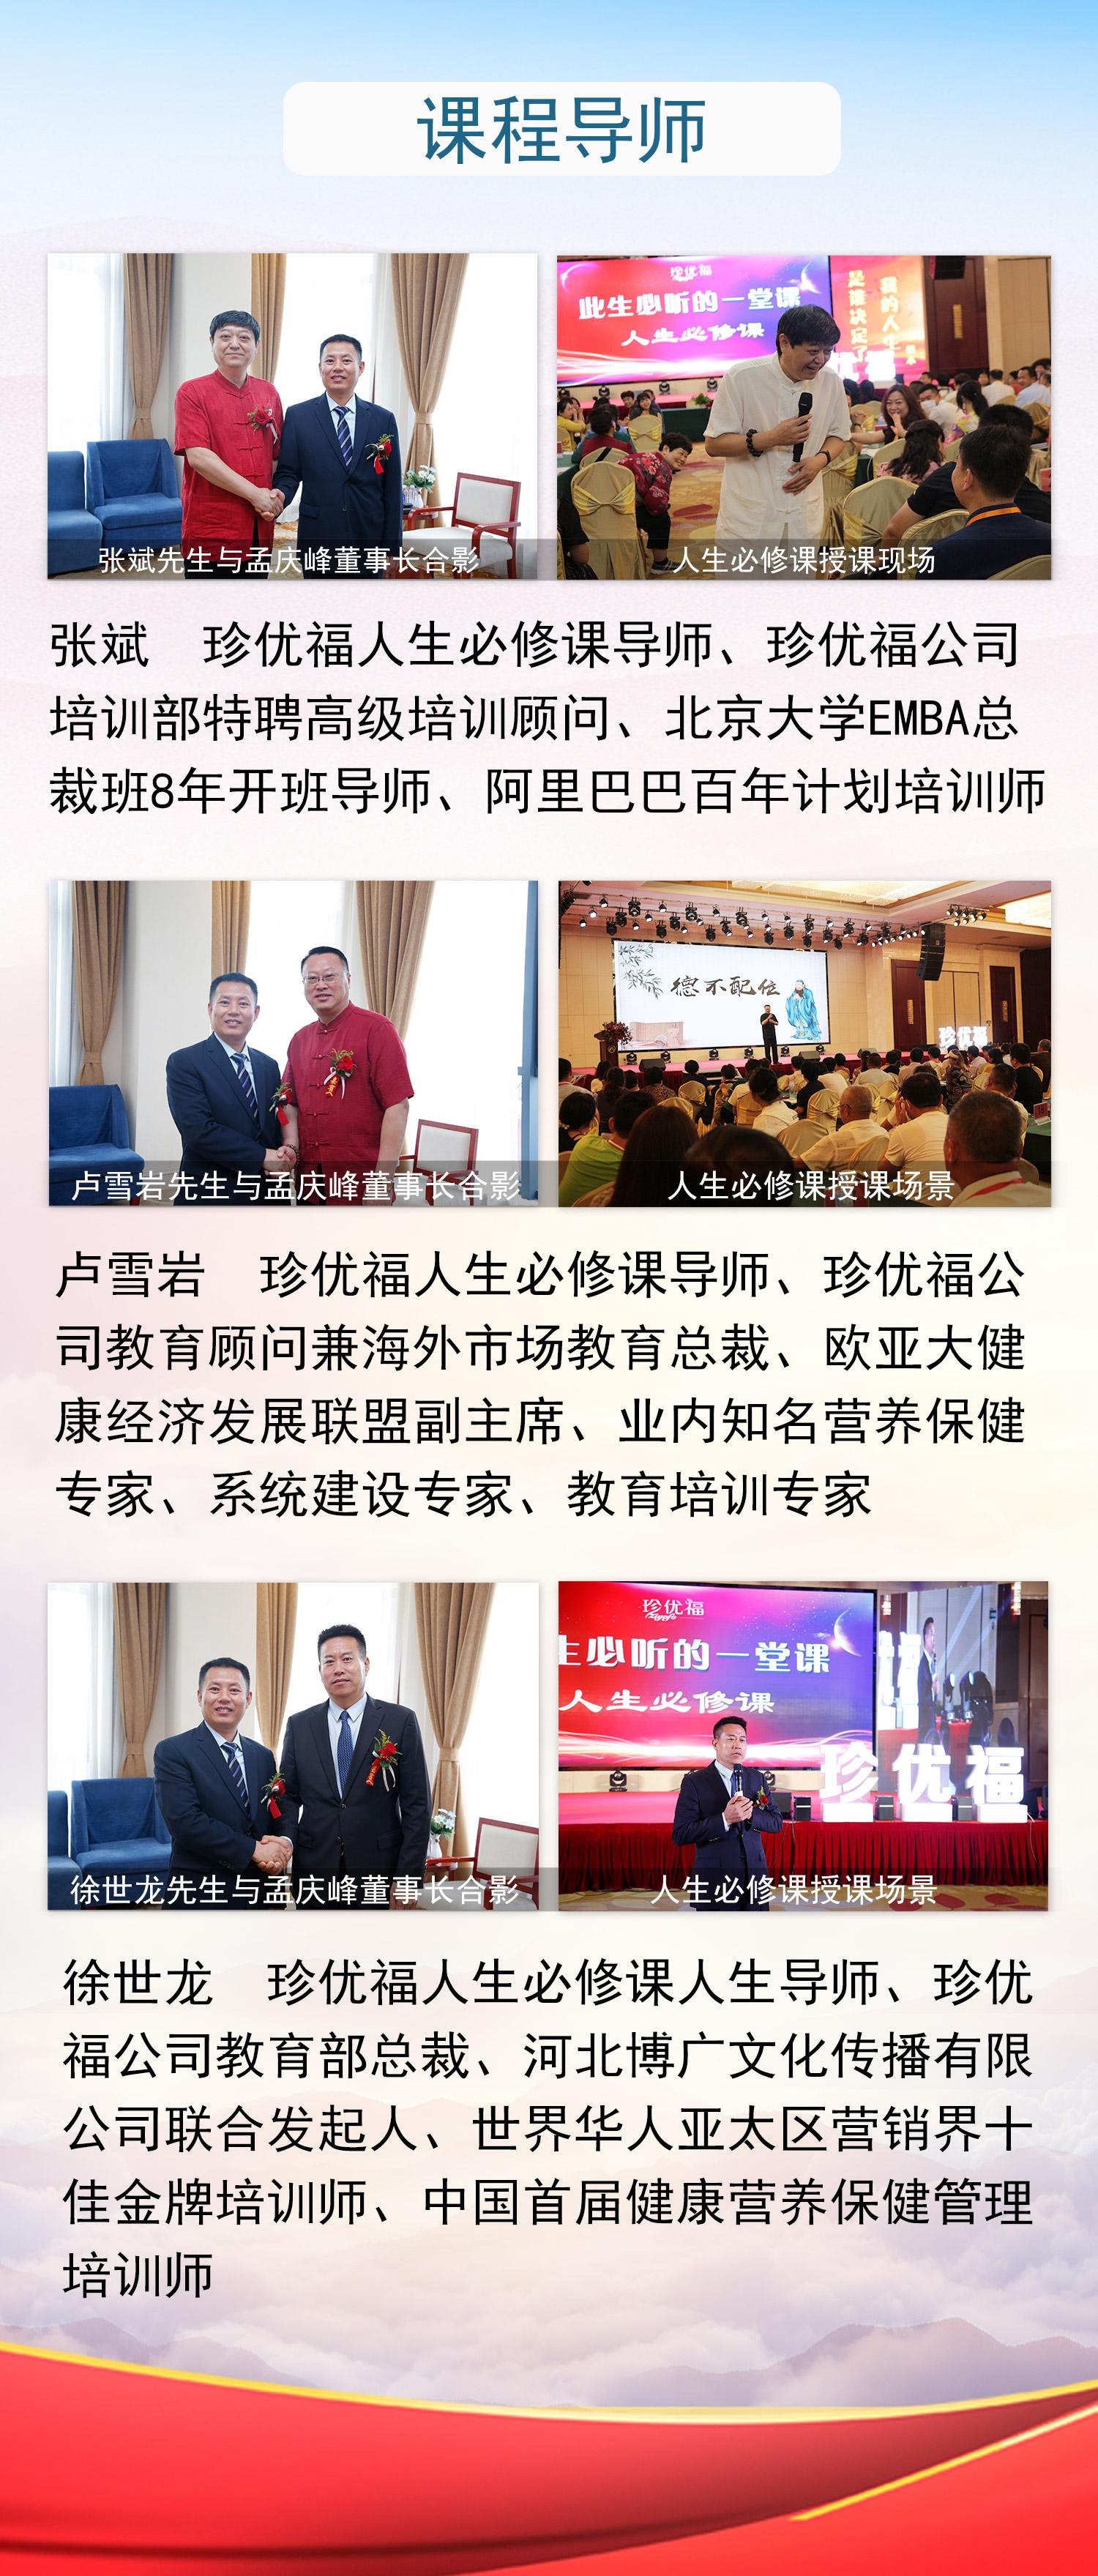 http://image.zhenyoufu.com.cn/shop/article/06711082986844760.jpg